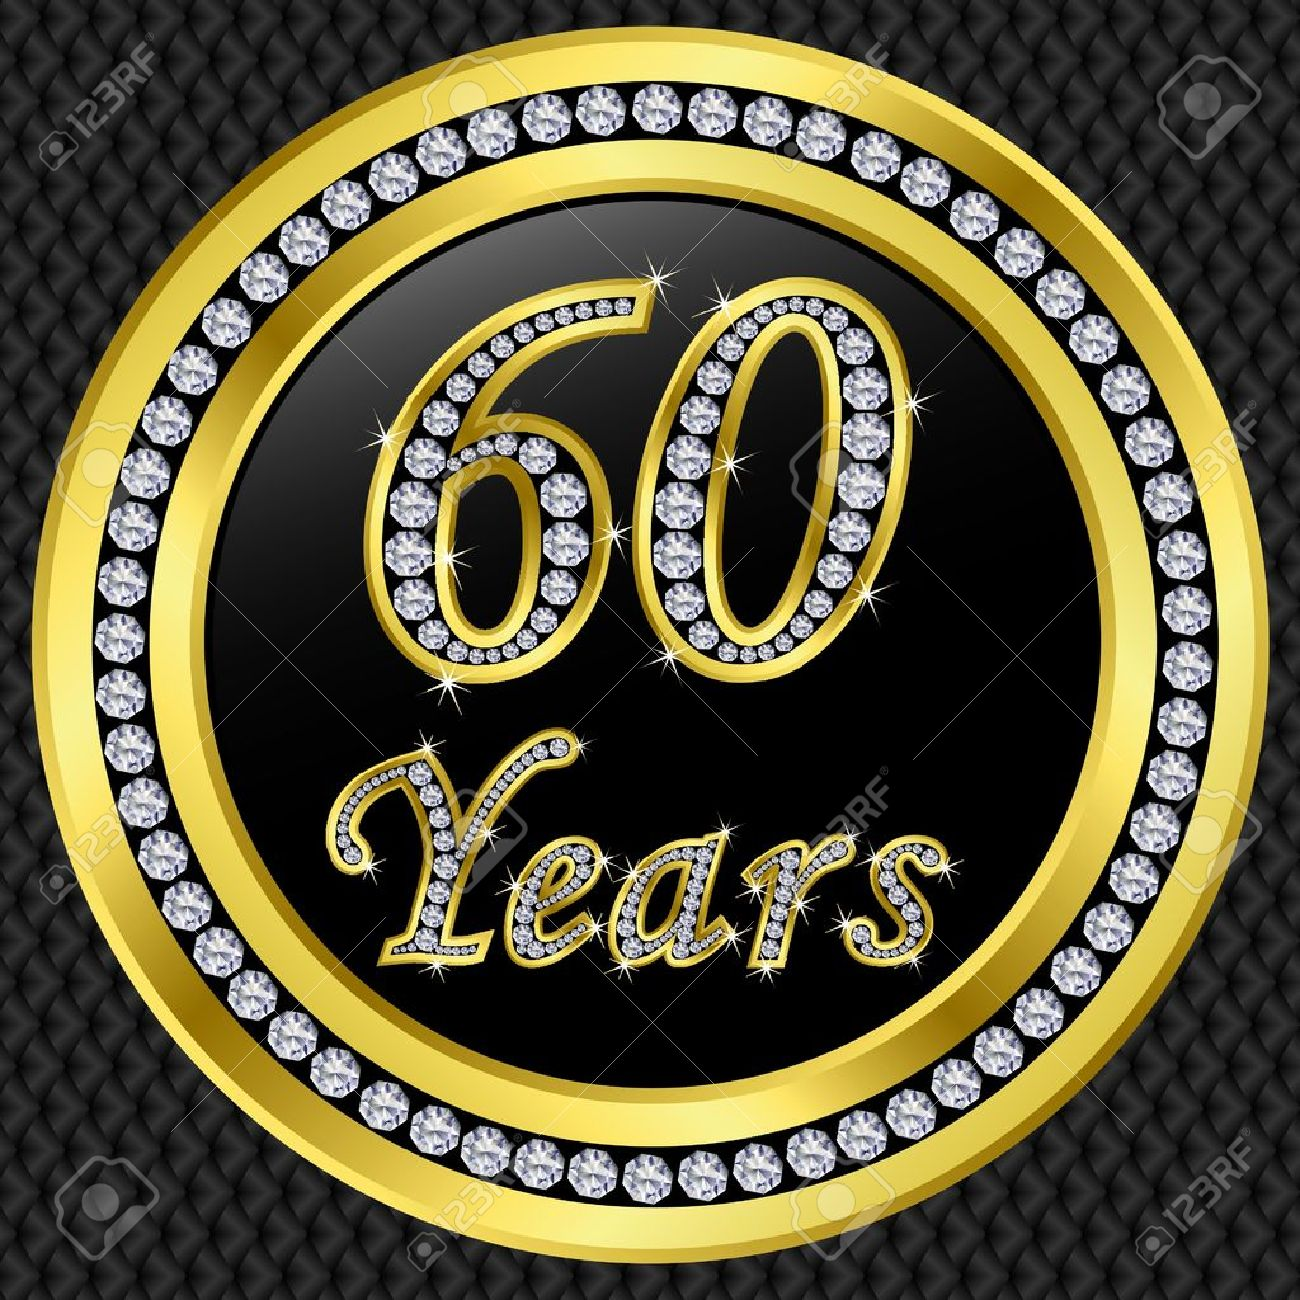 60 Años De Aniversario De Oro Icono De Feliz Cumpleaños Con Diamantes Ilustración Vectorial Ilustraciones Vectoriales Clip Art Vectorizado Libre De Derechos Image 11860296